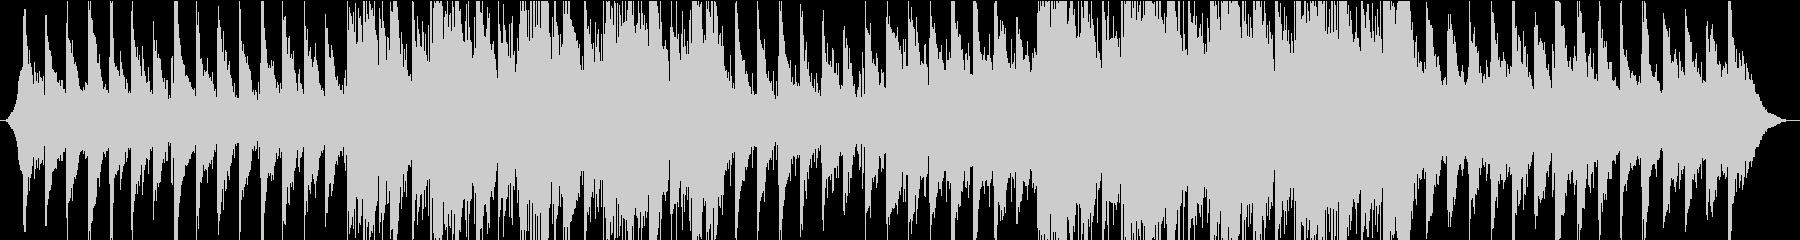 ポジティブでシンプルなピアノコーポレートの未再生の波形